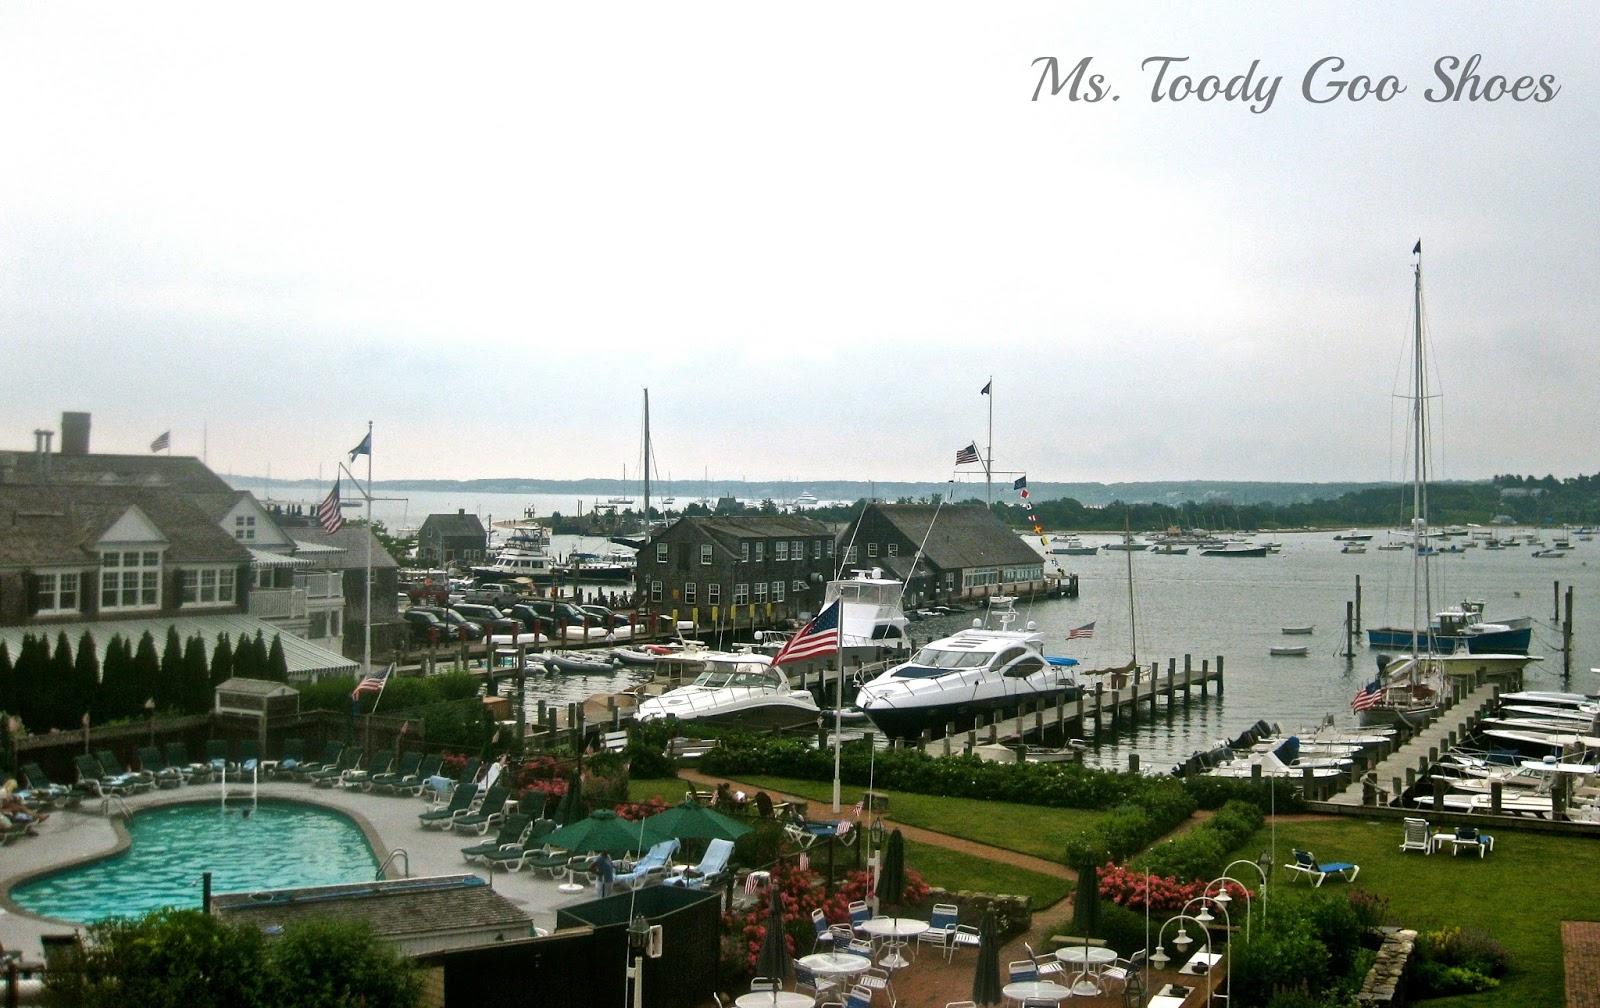 Best Hotel Room Views  --- Ms. Toody Goo Shoes